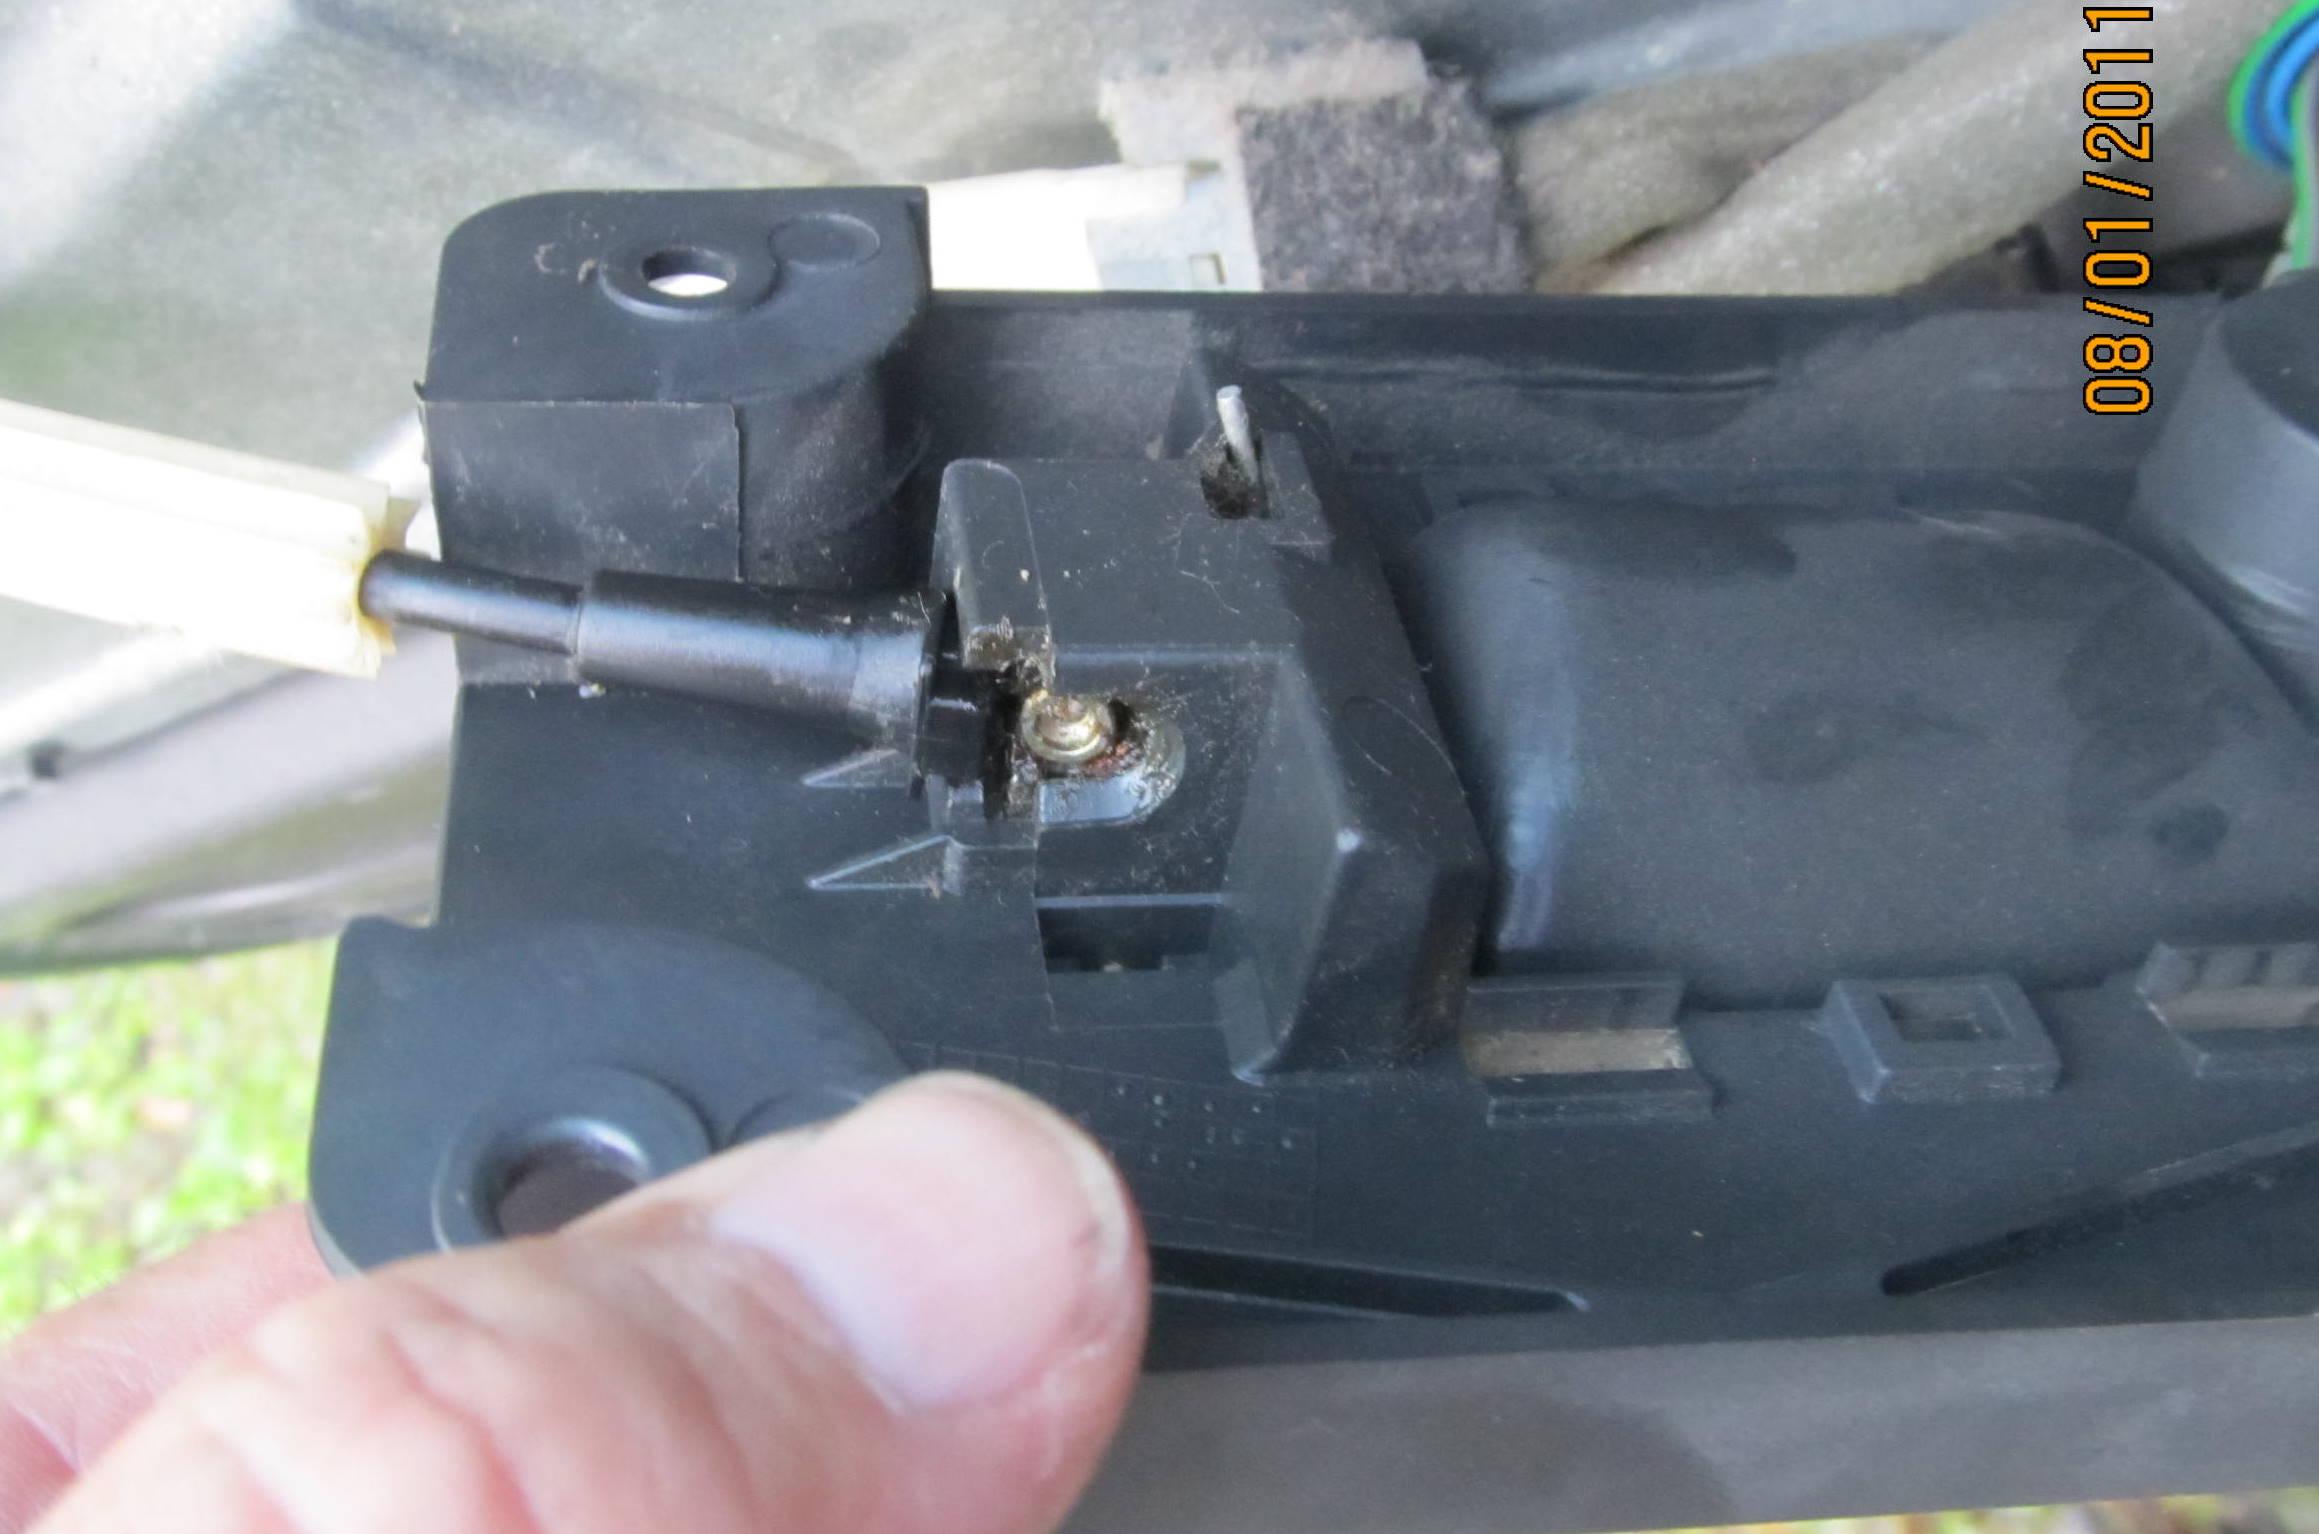 98 V70 inside door handle - Fix or buy?